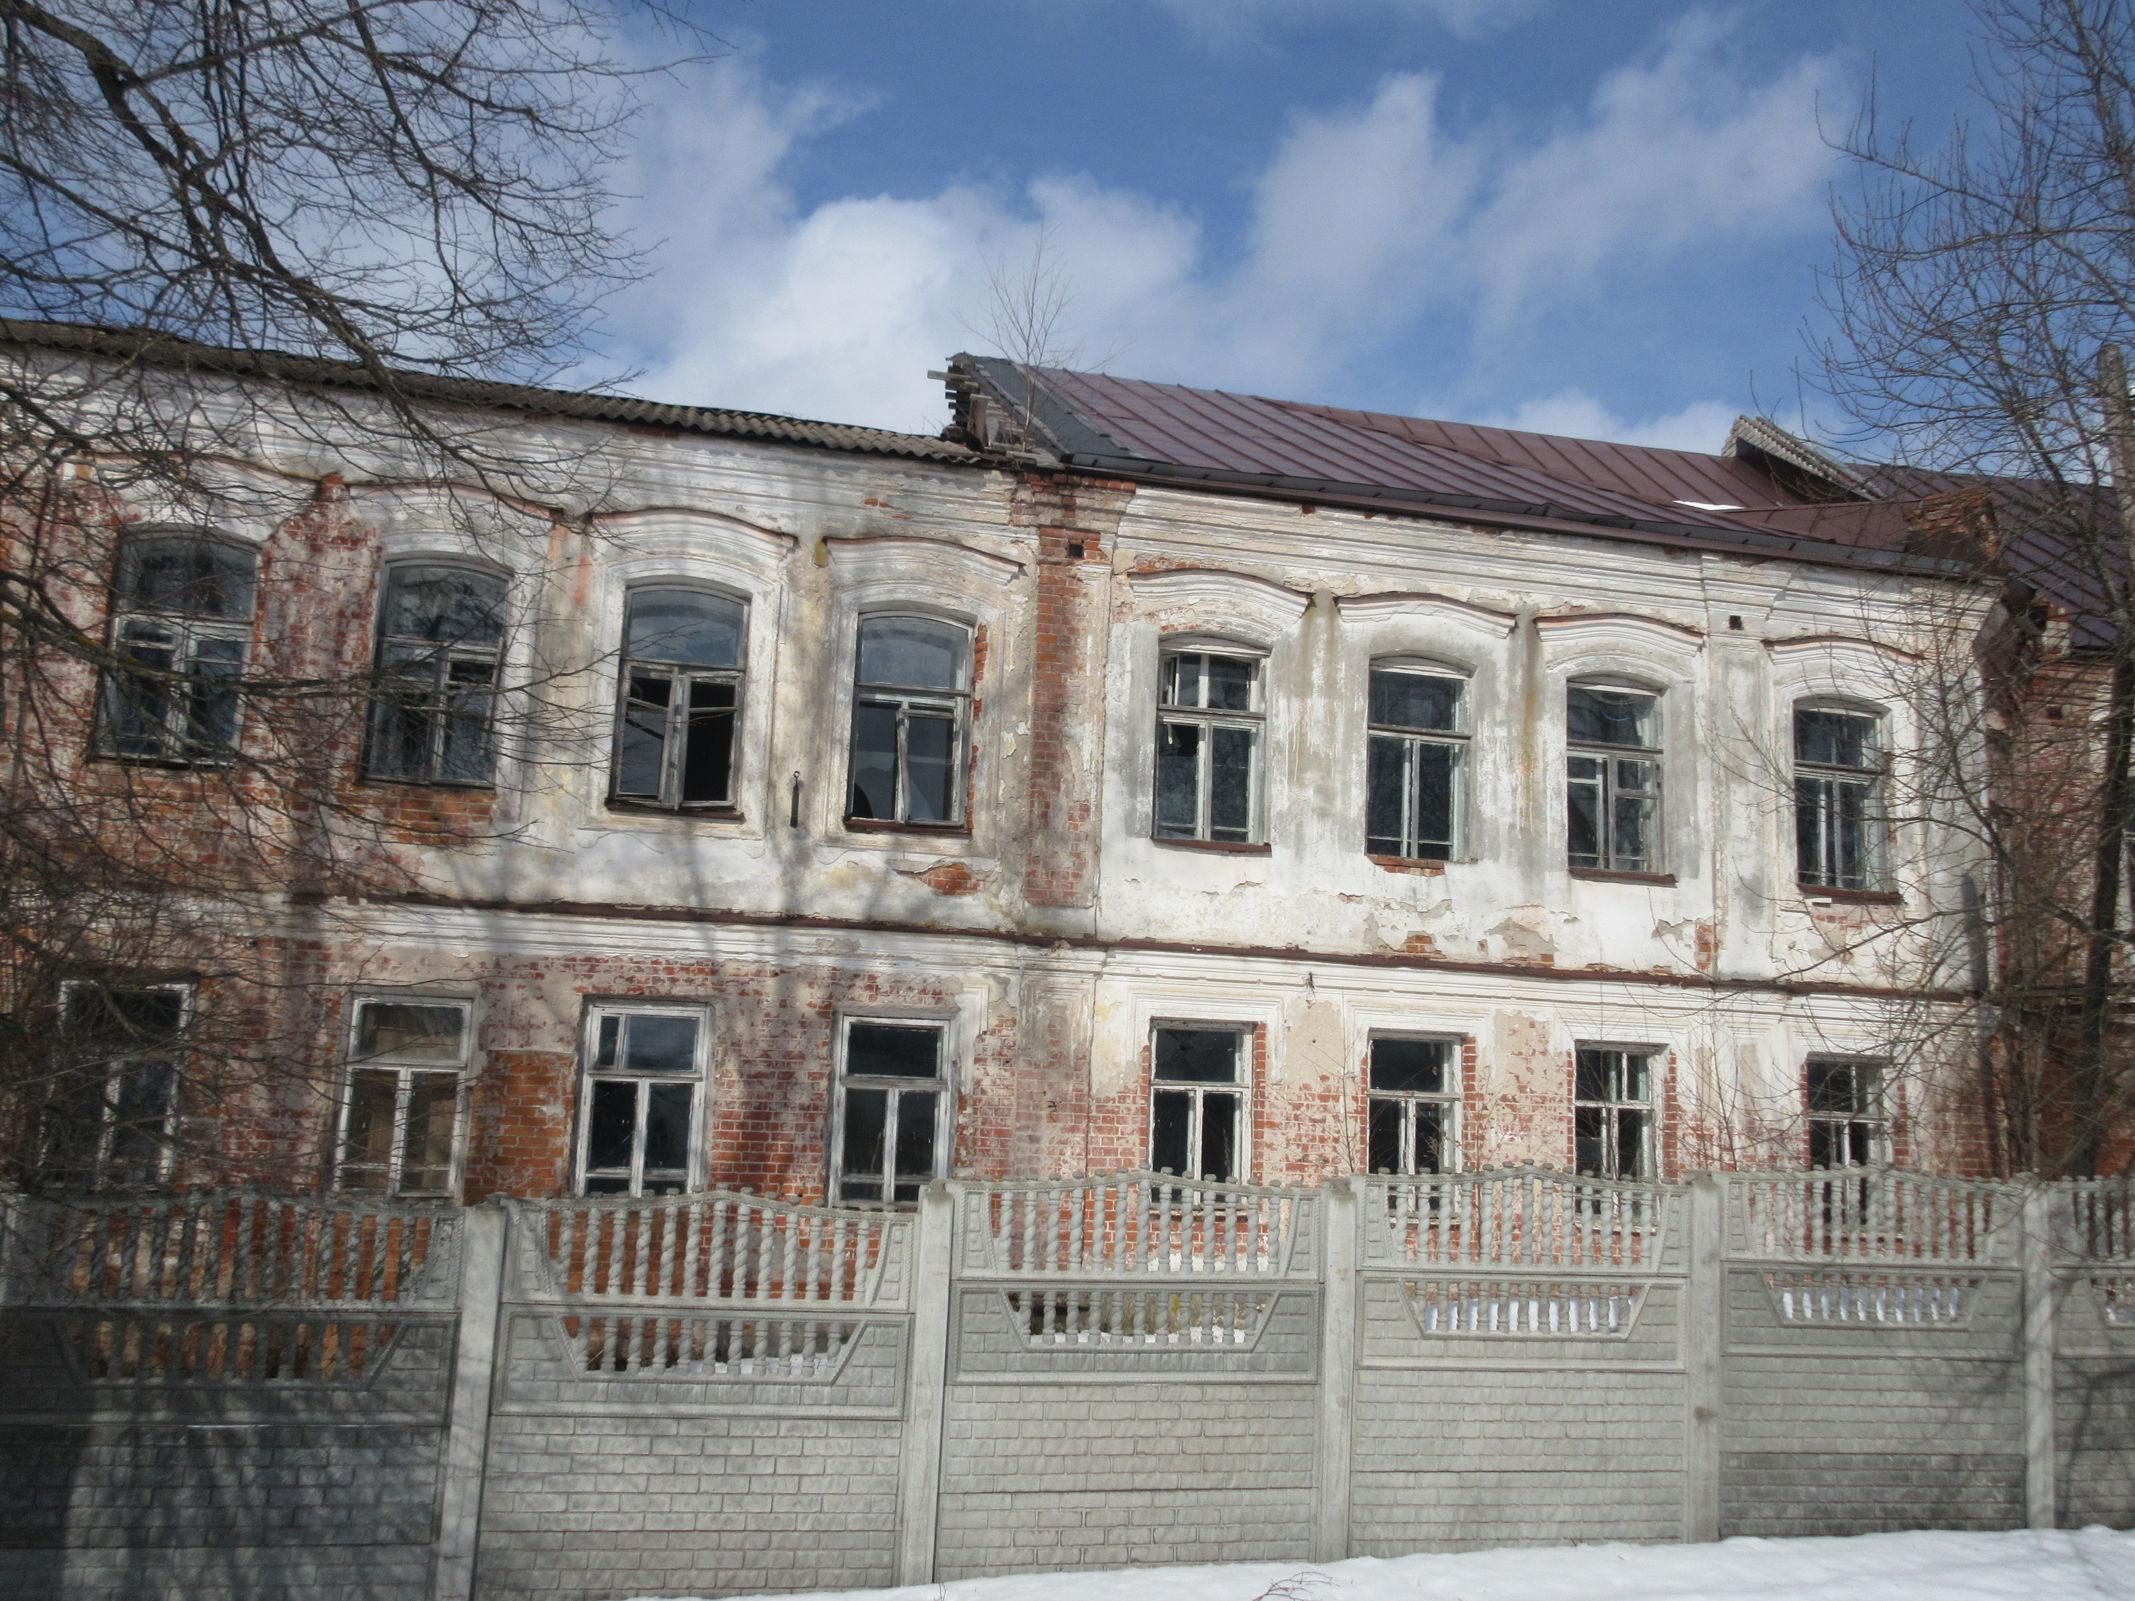 Контроль за состоянием отдельных объектов культурного наследия усилен по обращениям жителей региона